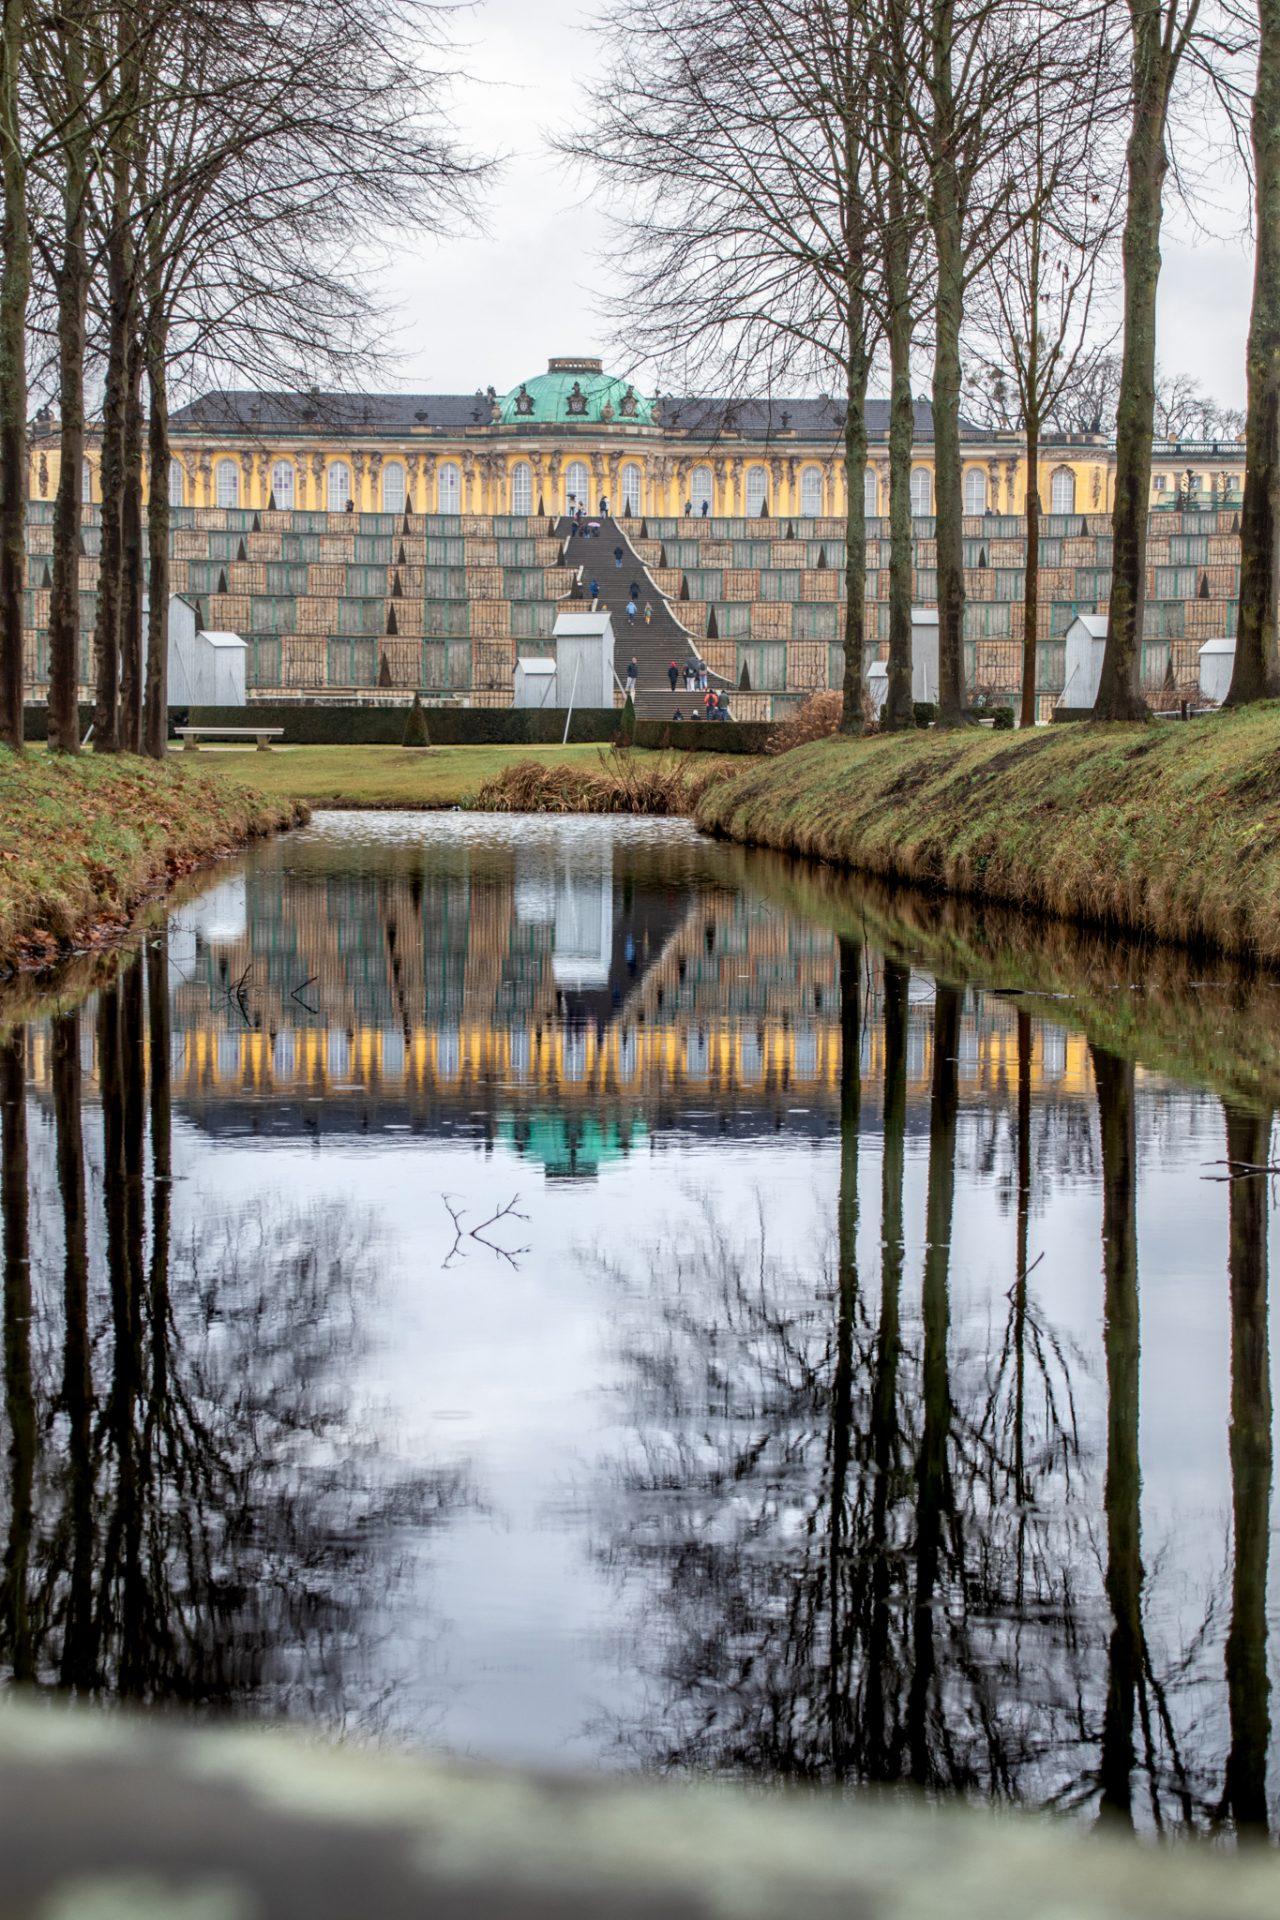 potsdam-sanssouci-regen-winter-park-schloss-teich